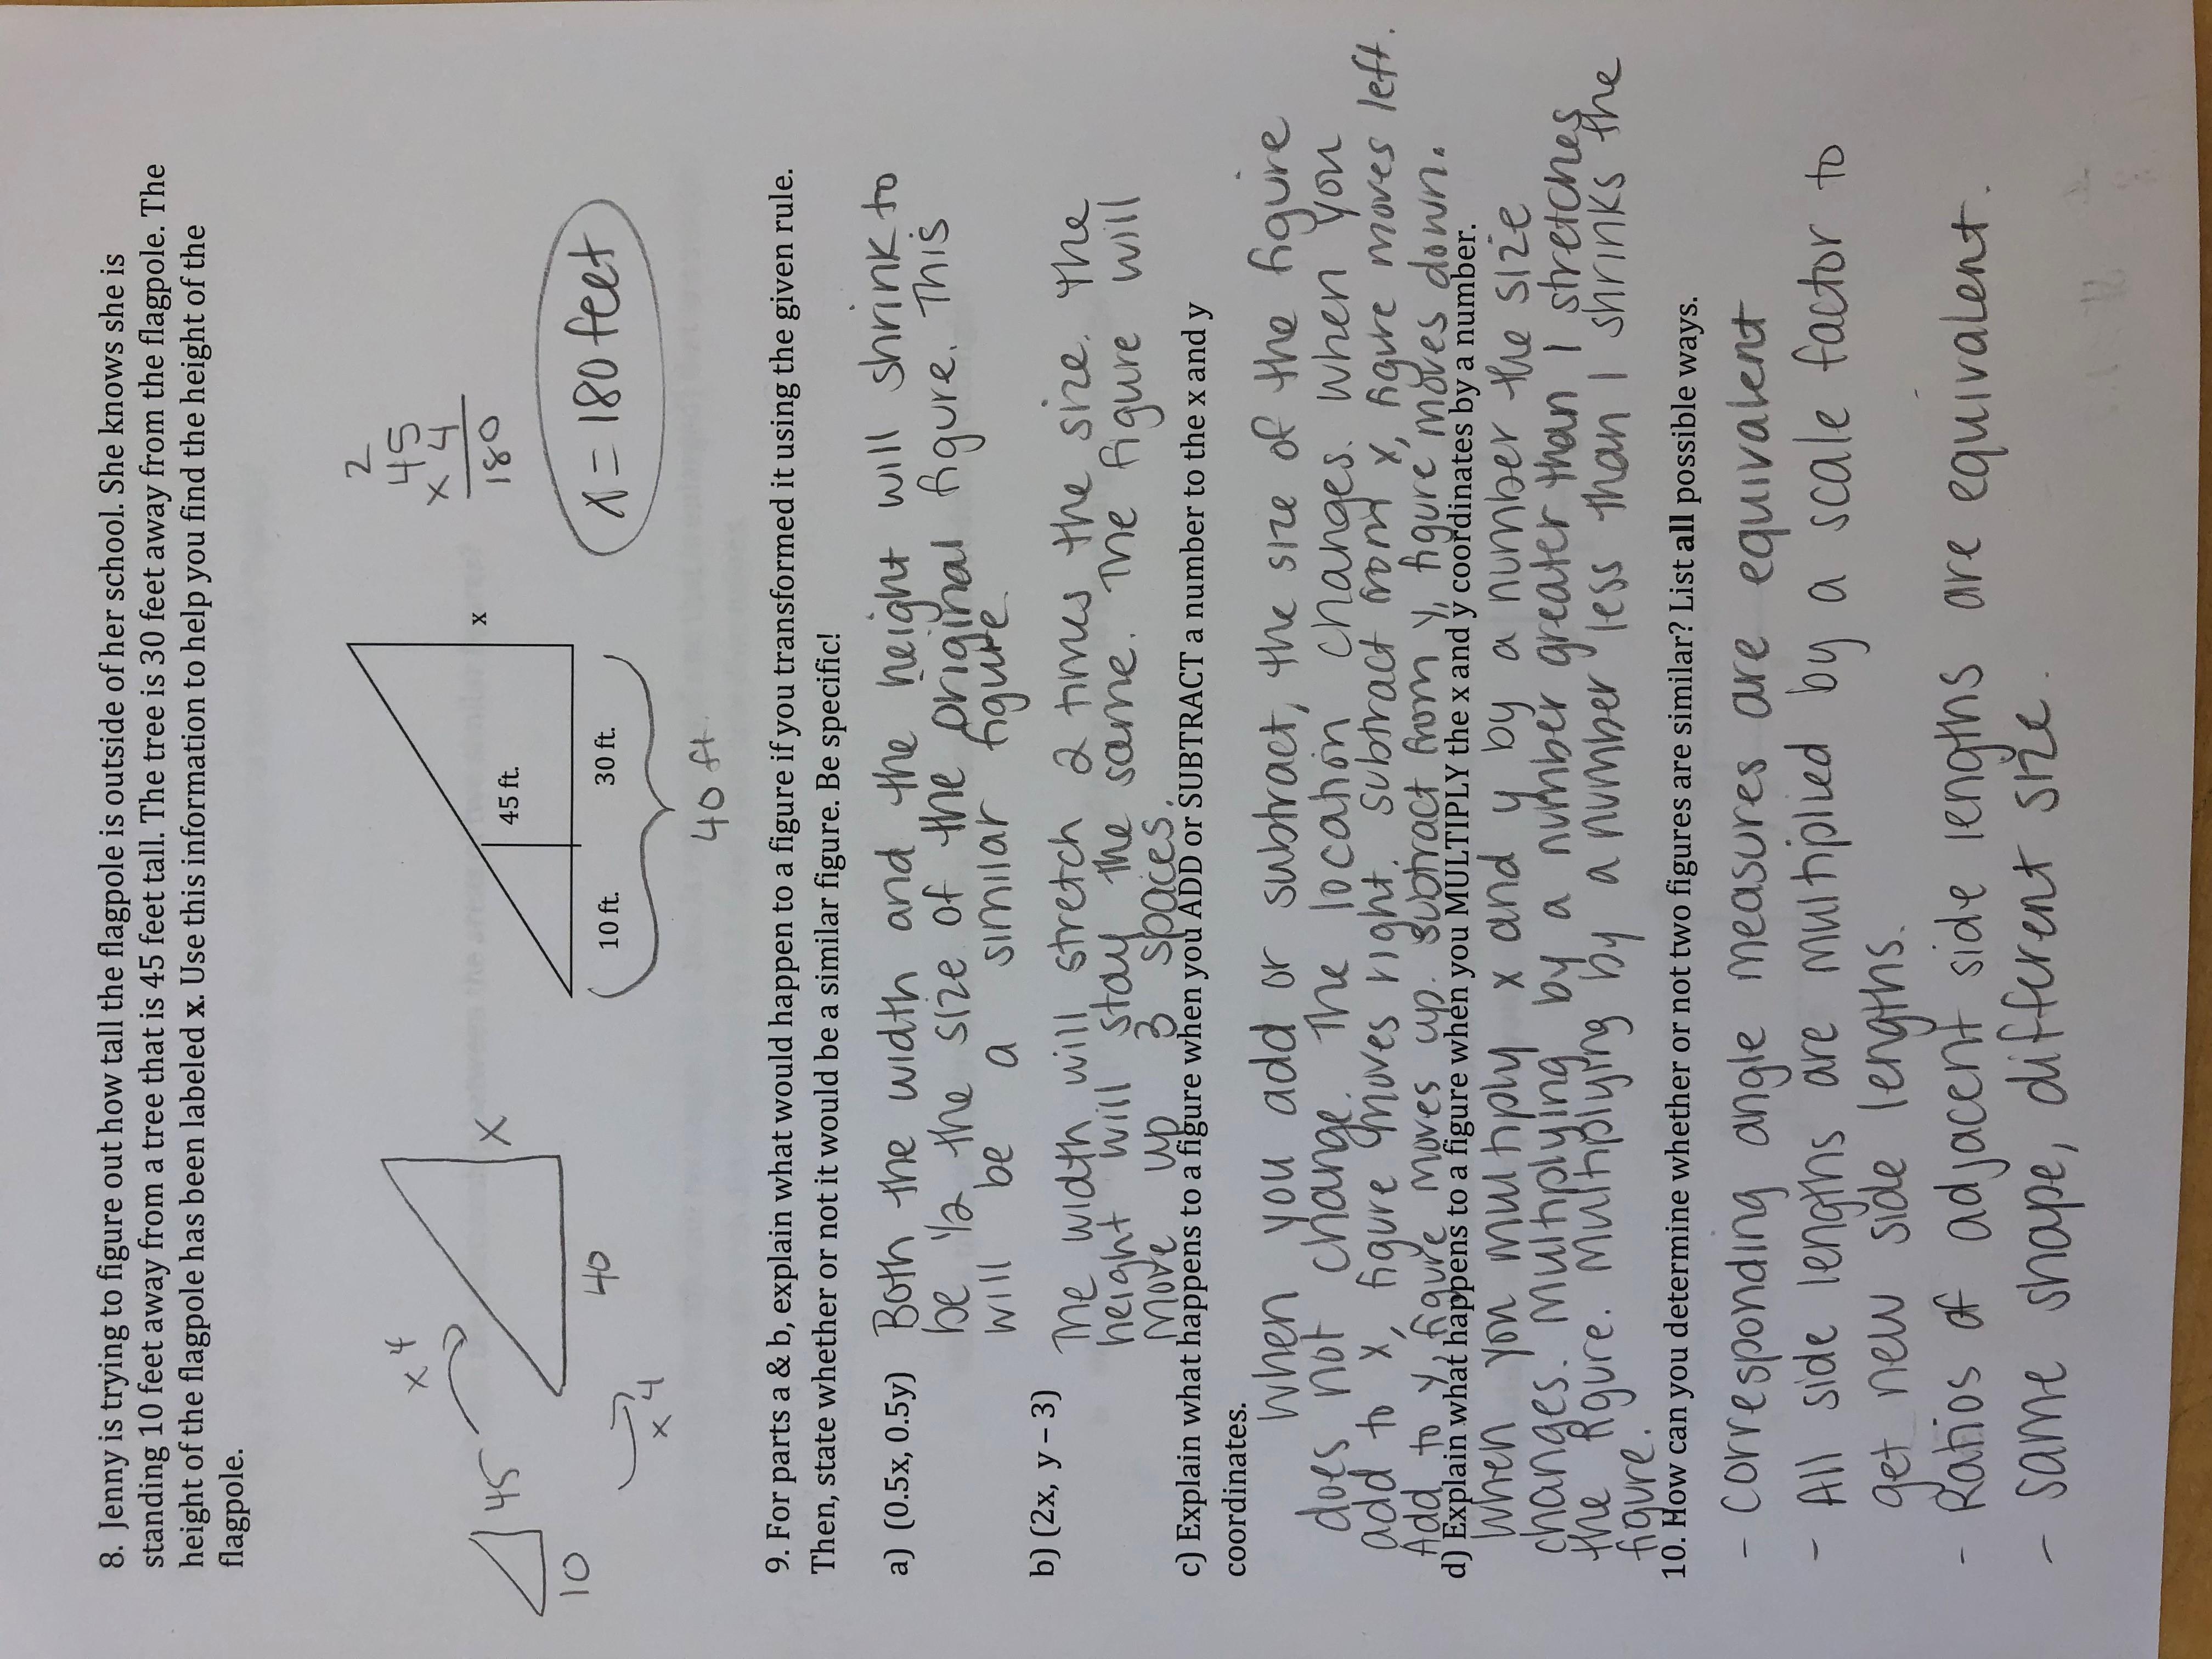 f246af7262f6 page 1 jpeg Array - schmidt parker study guide answer keys 18 19 rh monroe  k12 ...